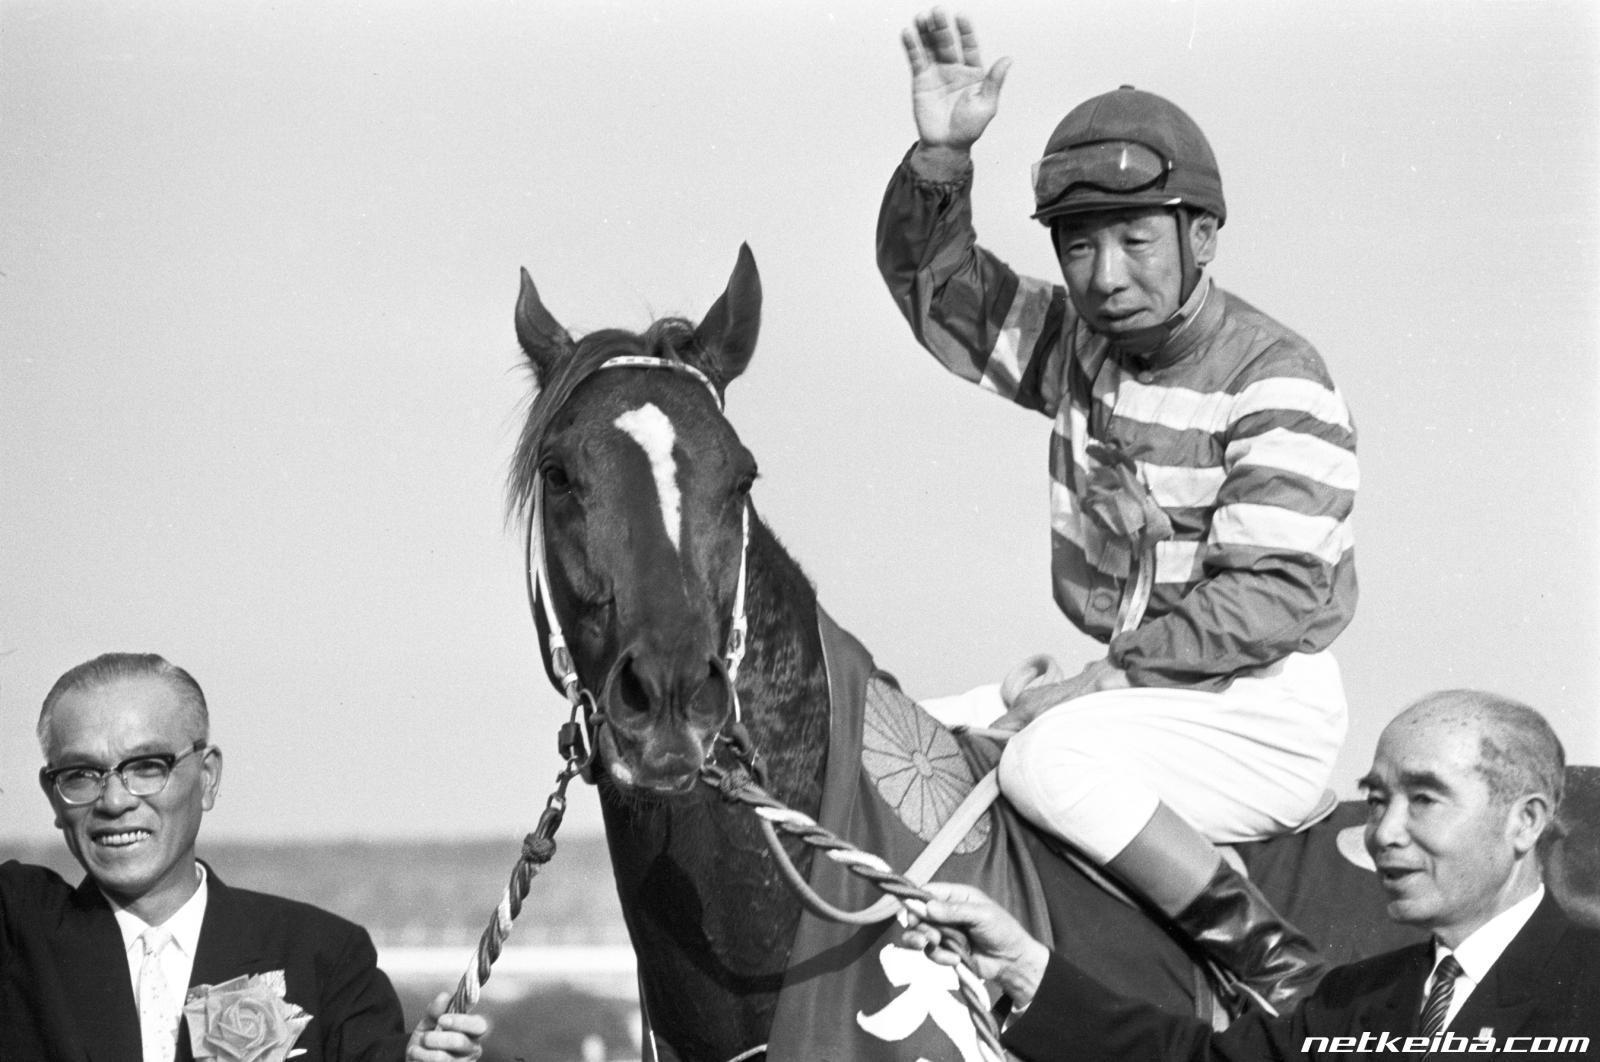 ハクズイコウの競走成績 | 競走馬データ - netkeiba.com